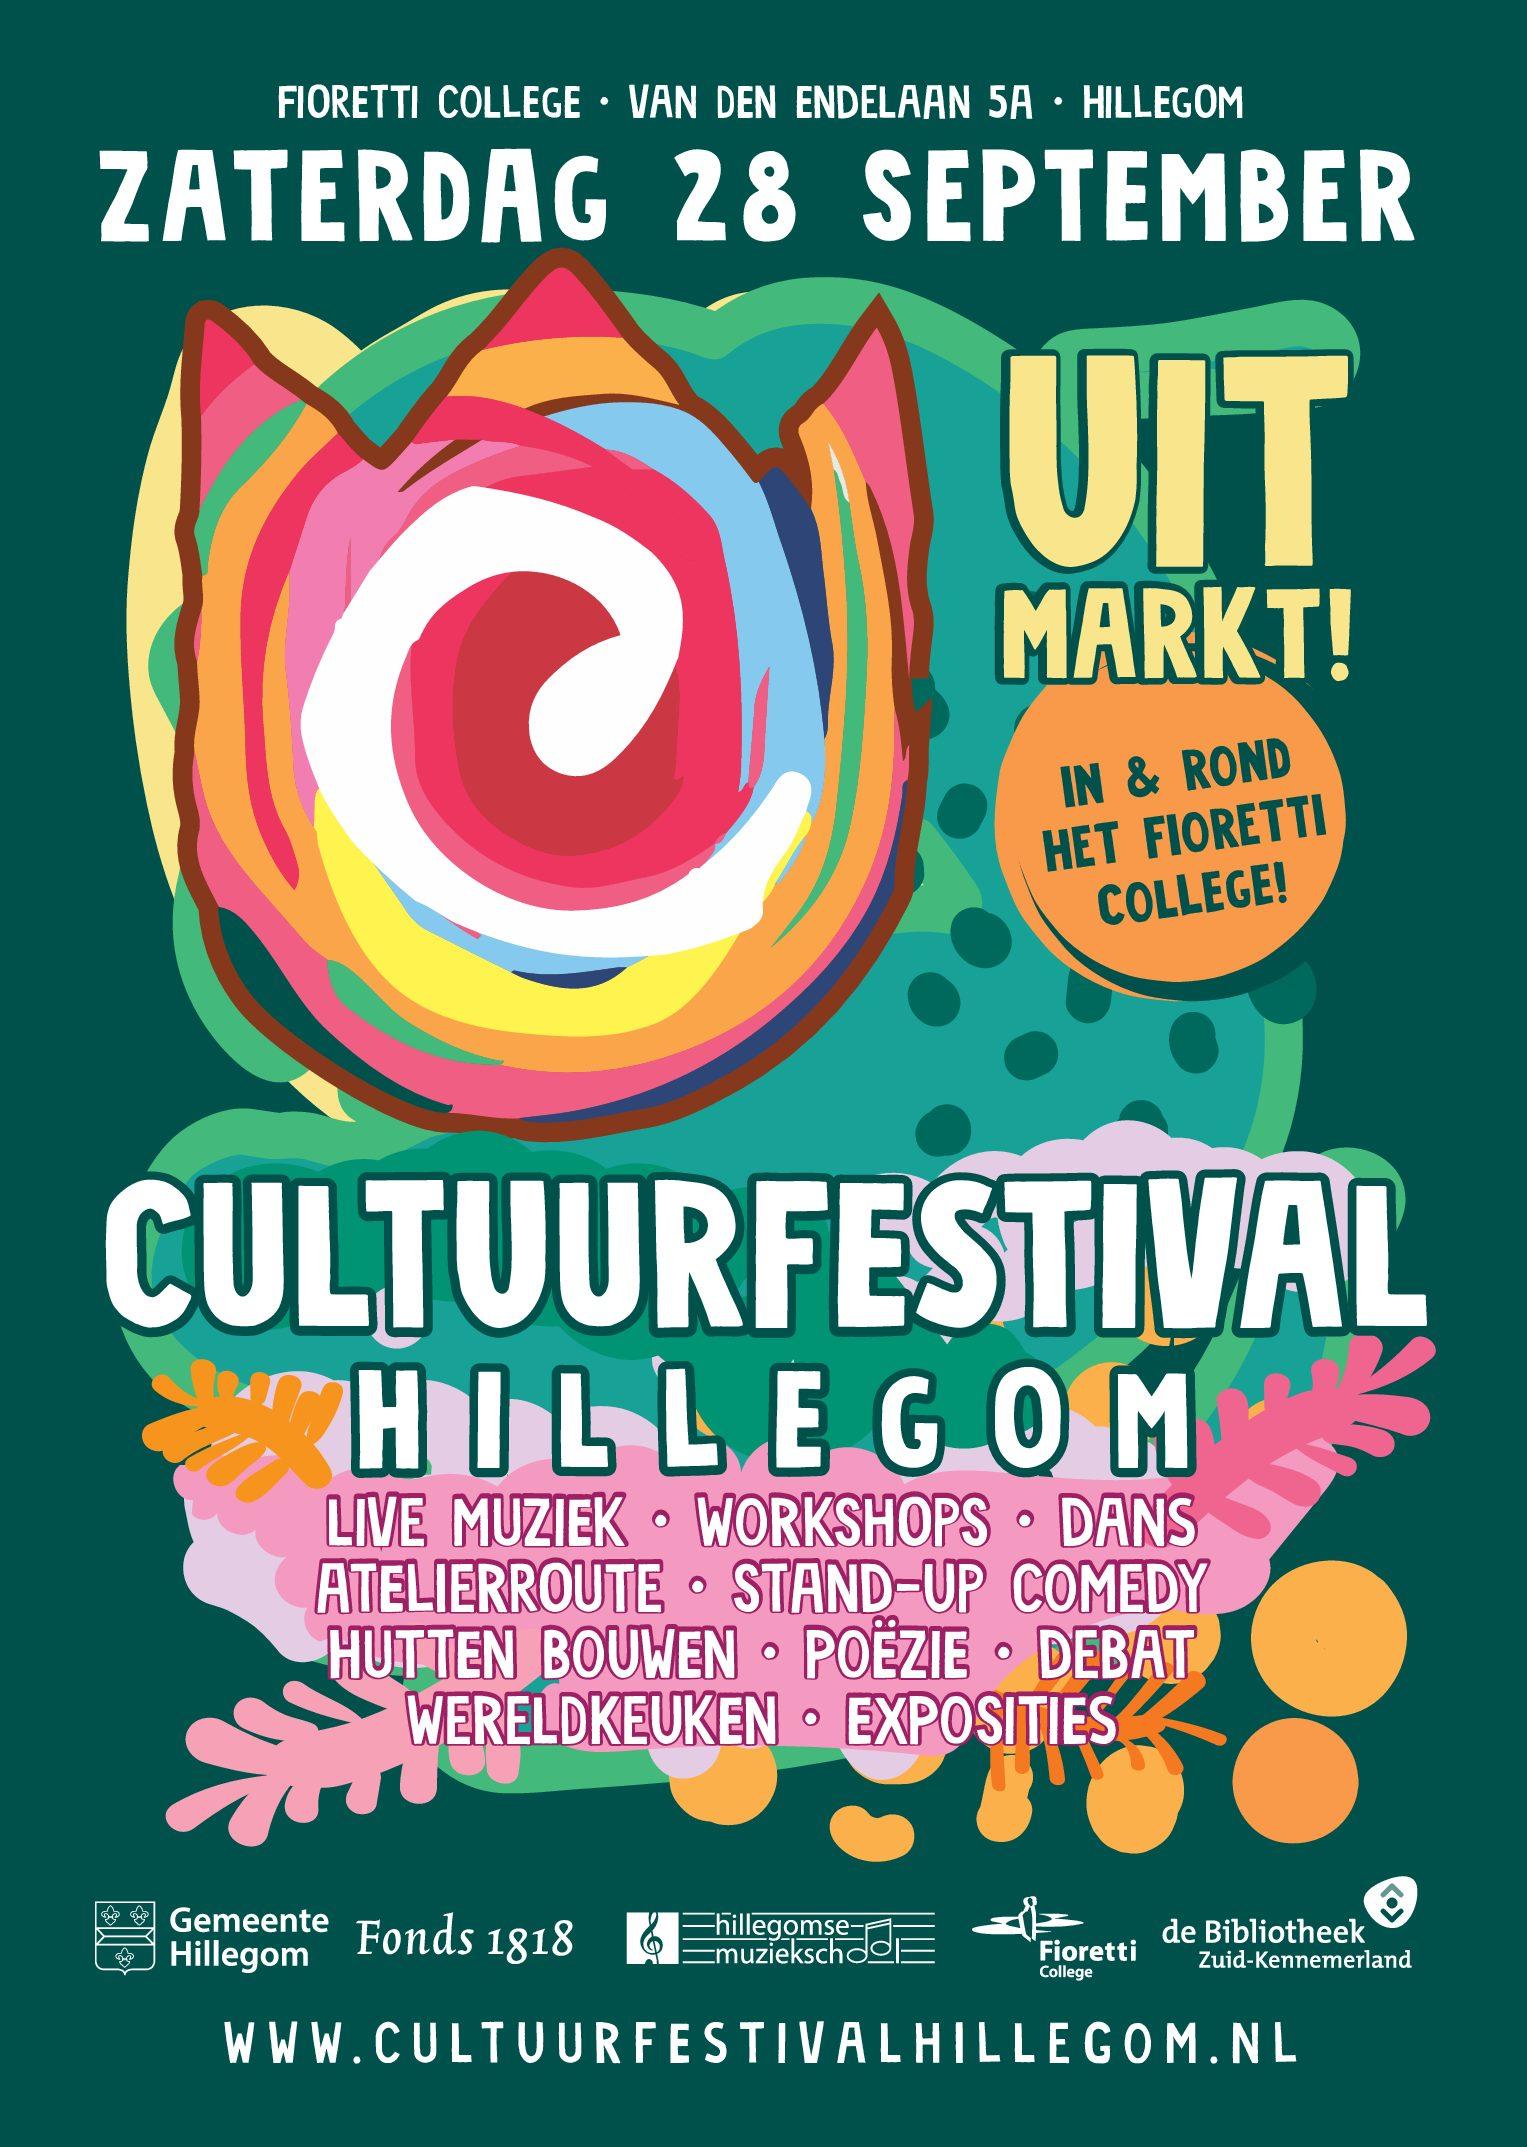 Cultuurfestival Hillegom